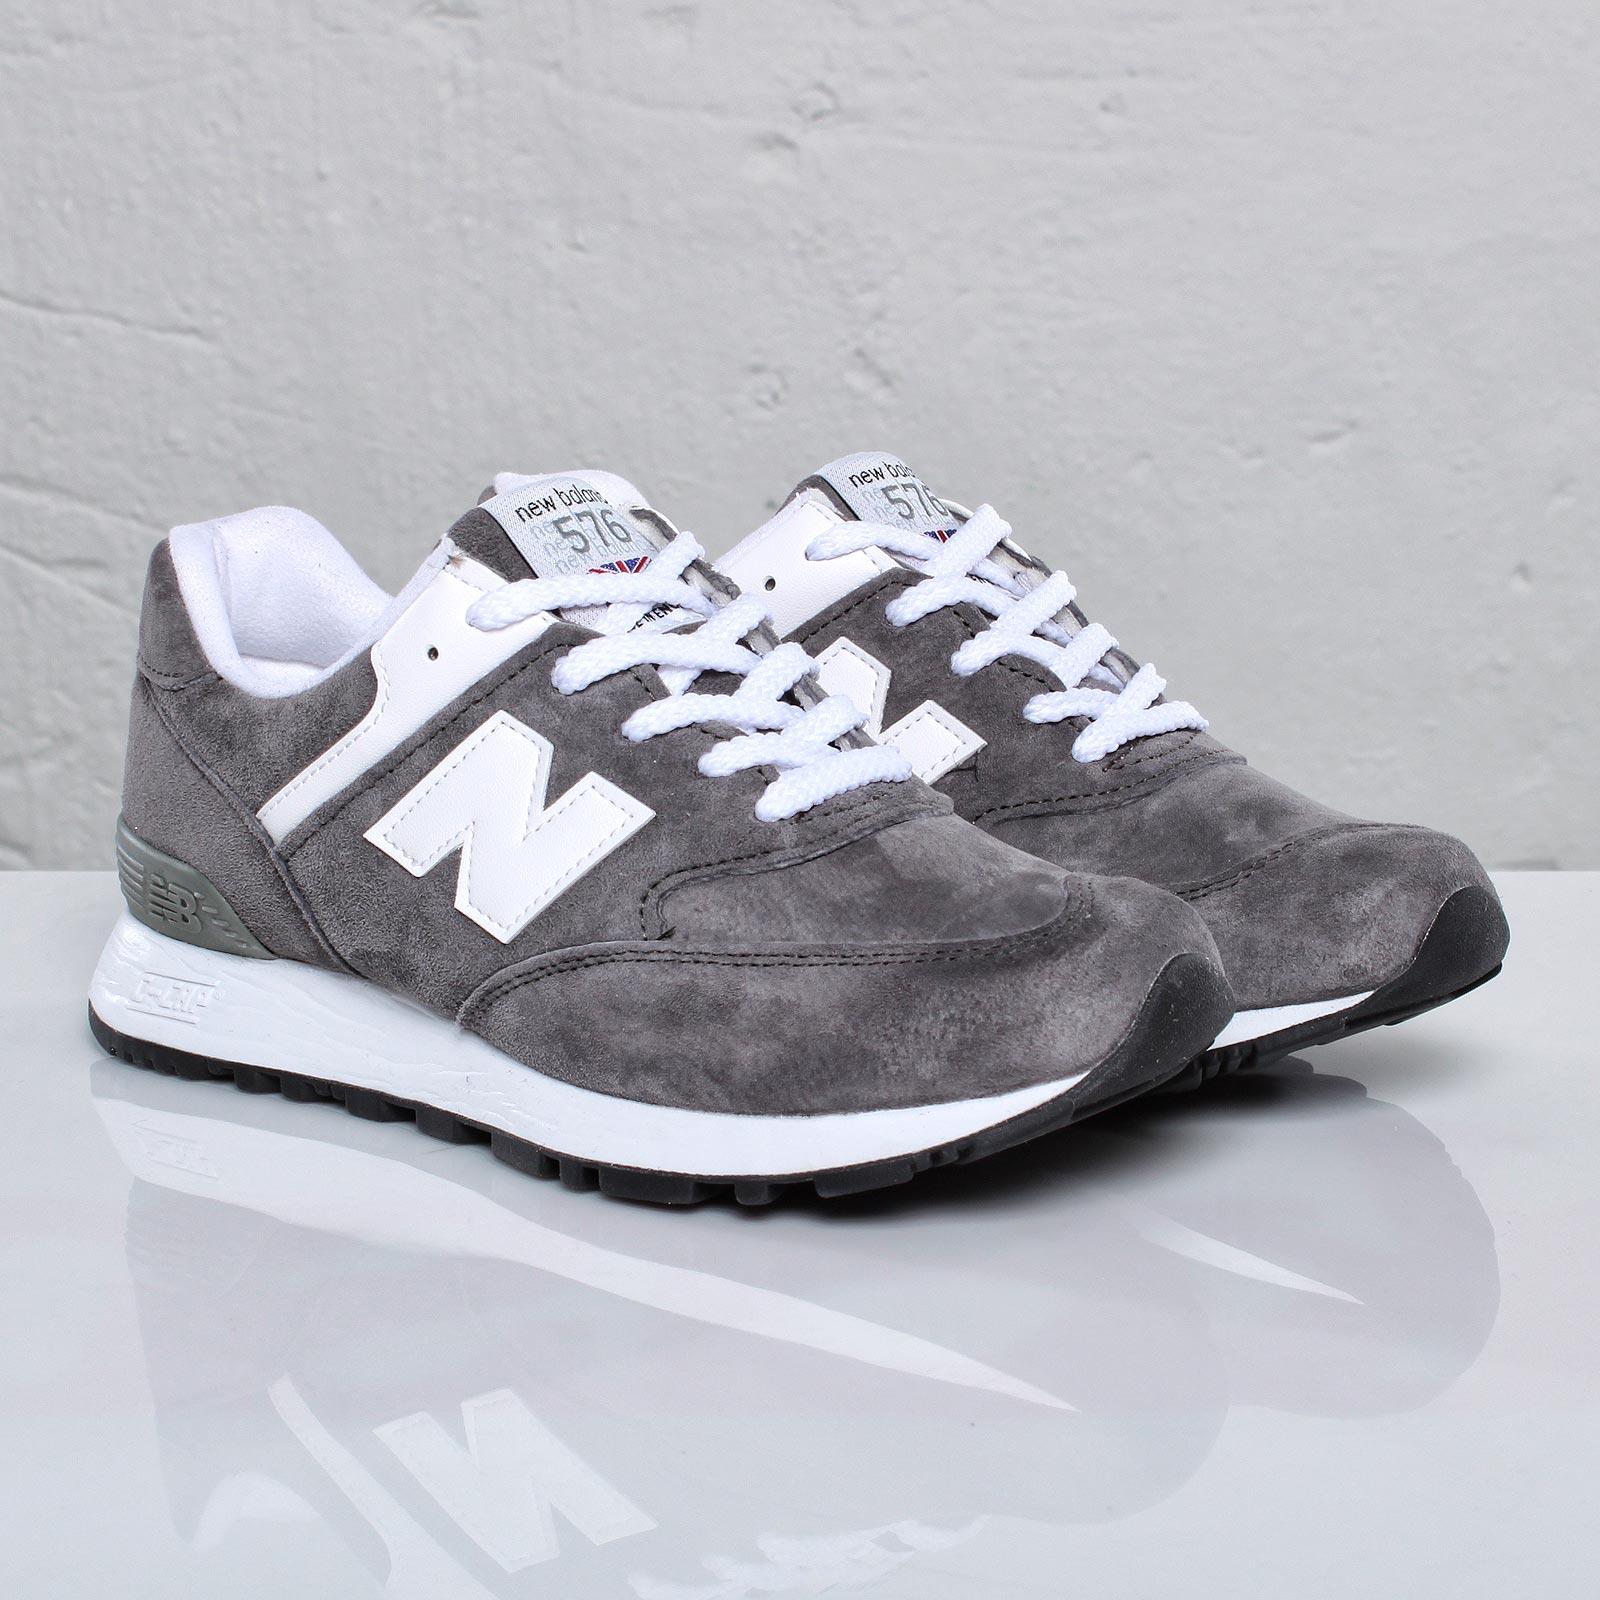 New Balance W576 - 83770 - Sneakersnstuff | sneakers & streetwear ...